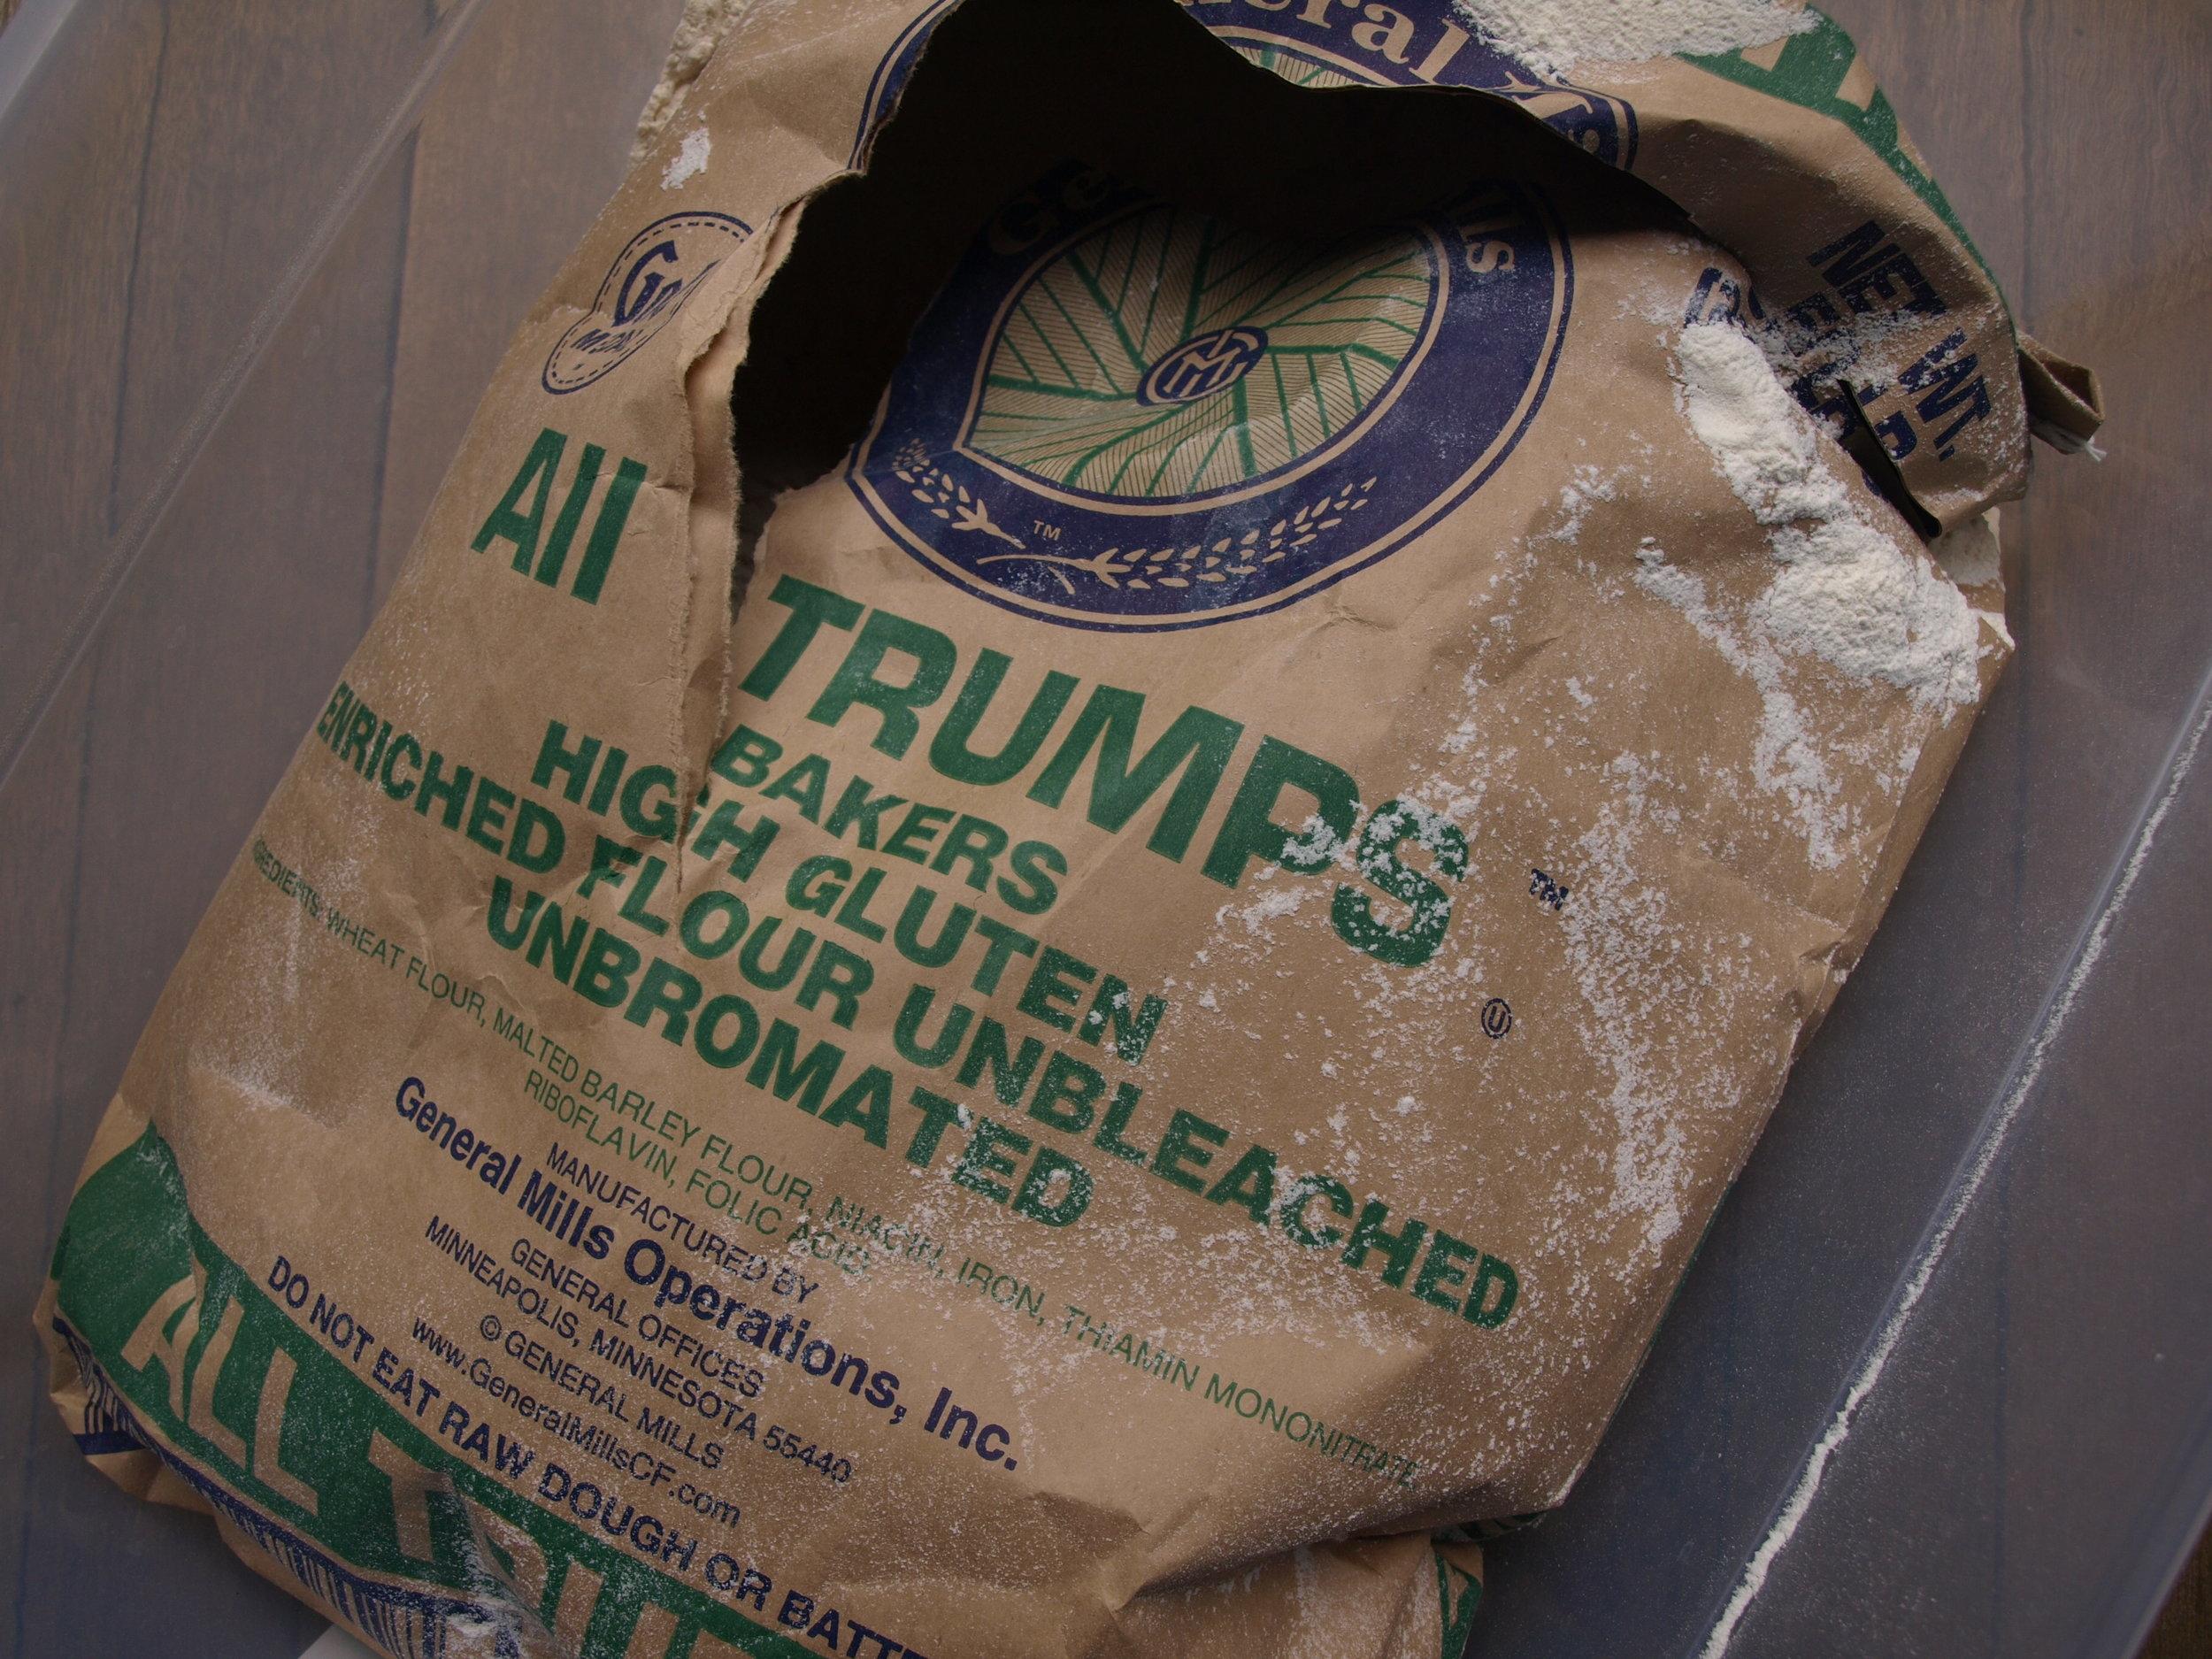 My 50 lb. bag of flour